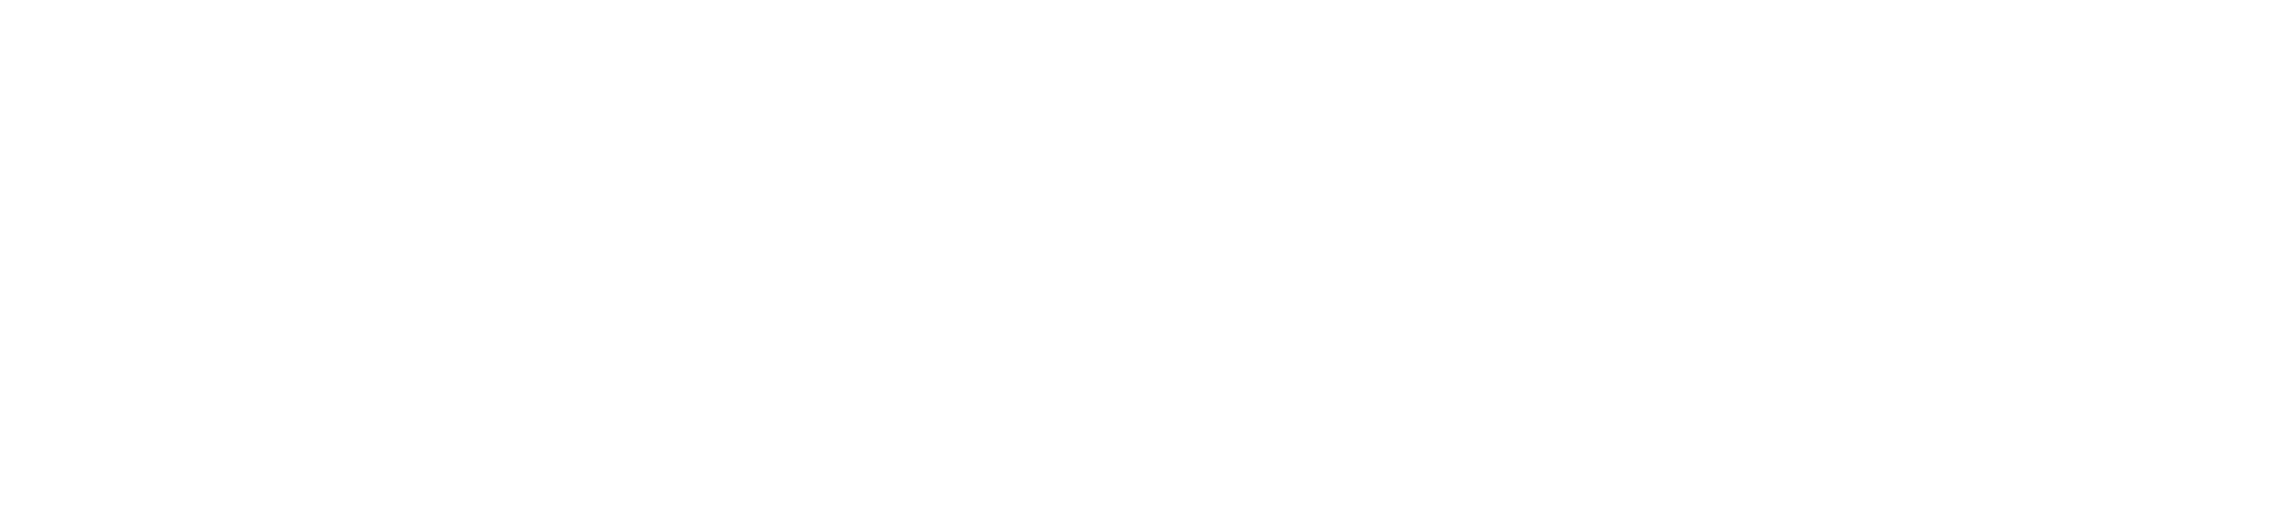 jcw website